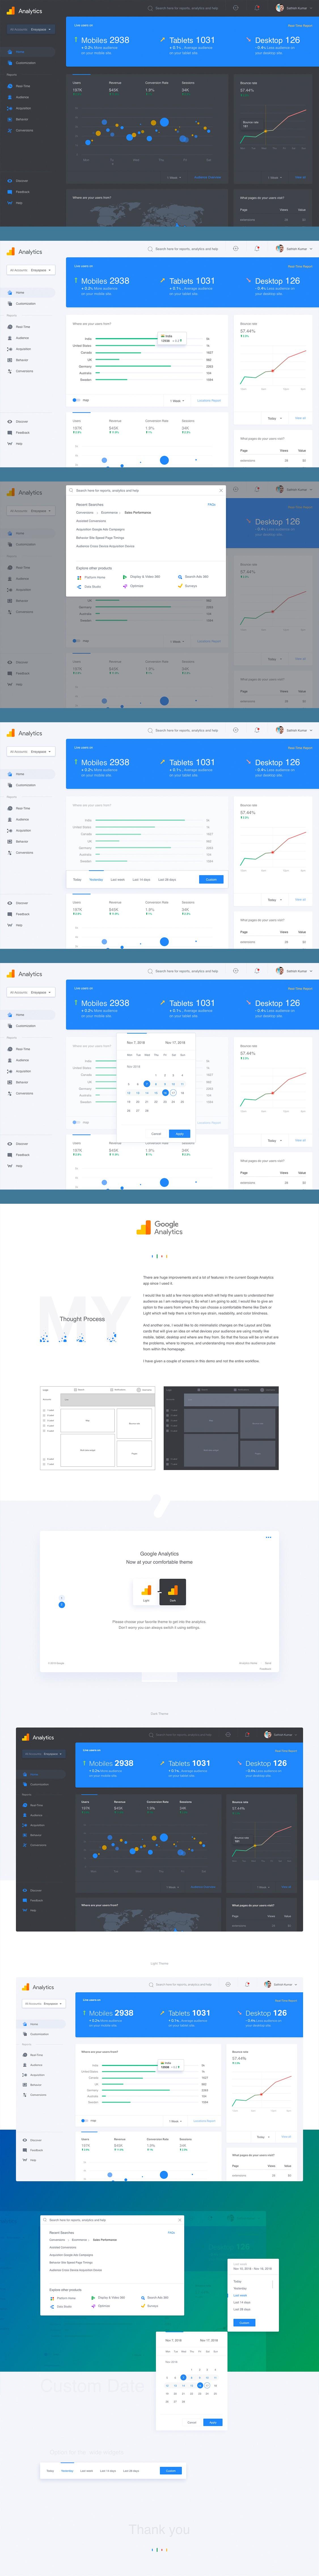 暗色系+简约白色系后台数据可视化UI、web UI界面sketch源文件下载